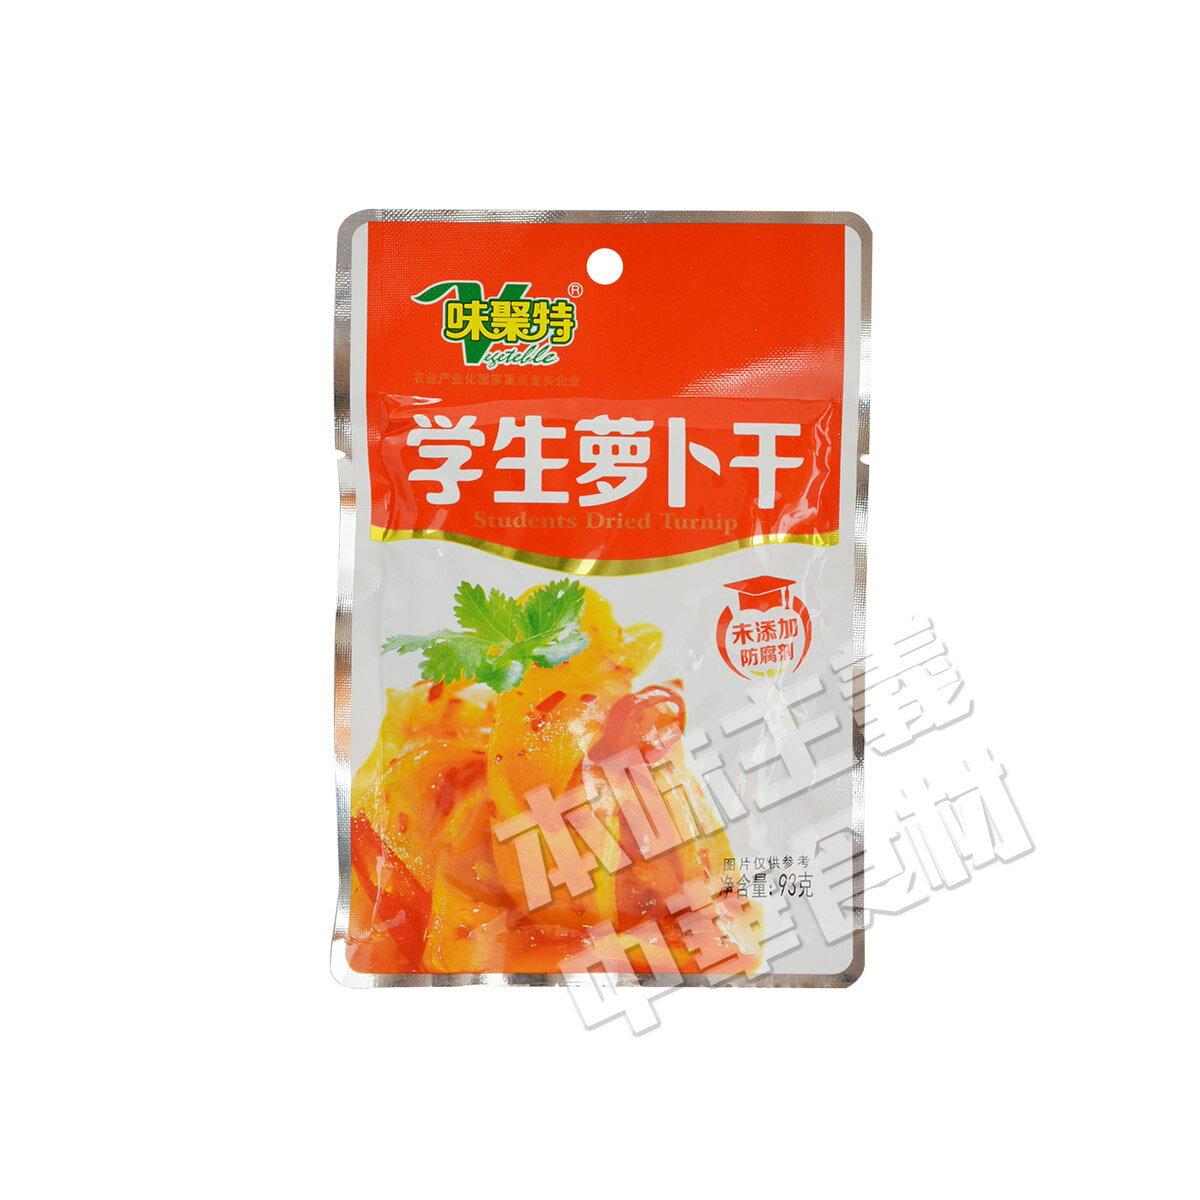 味聚特 学生蘿蔔干(辛口大根ストリップ) 中華食材·中華漬物